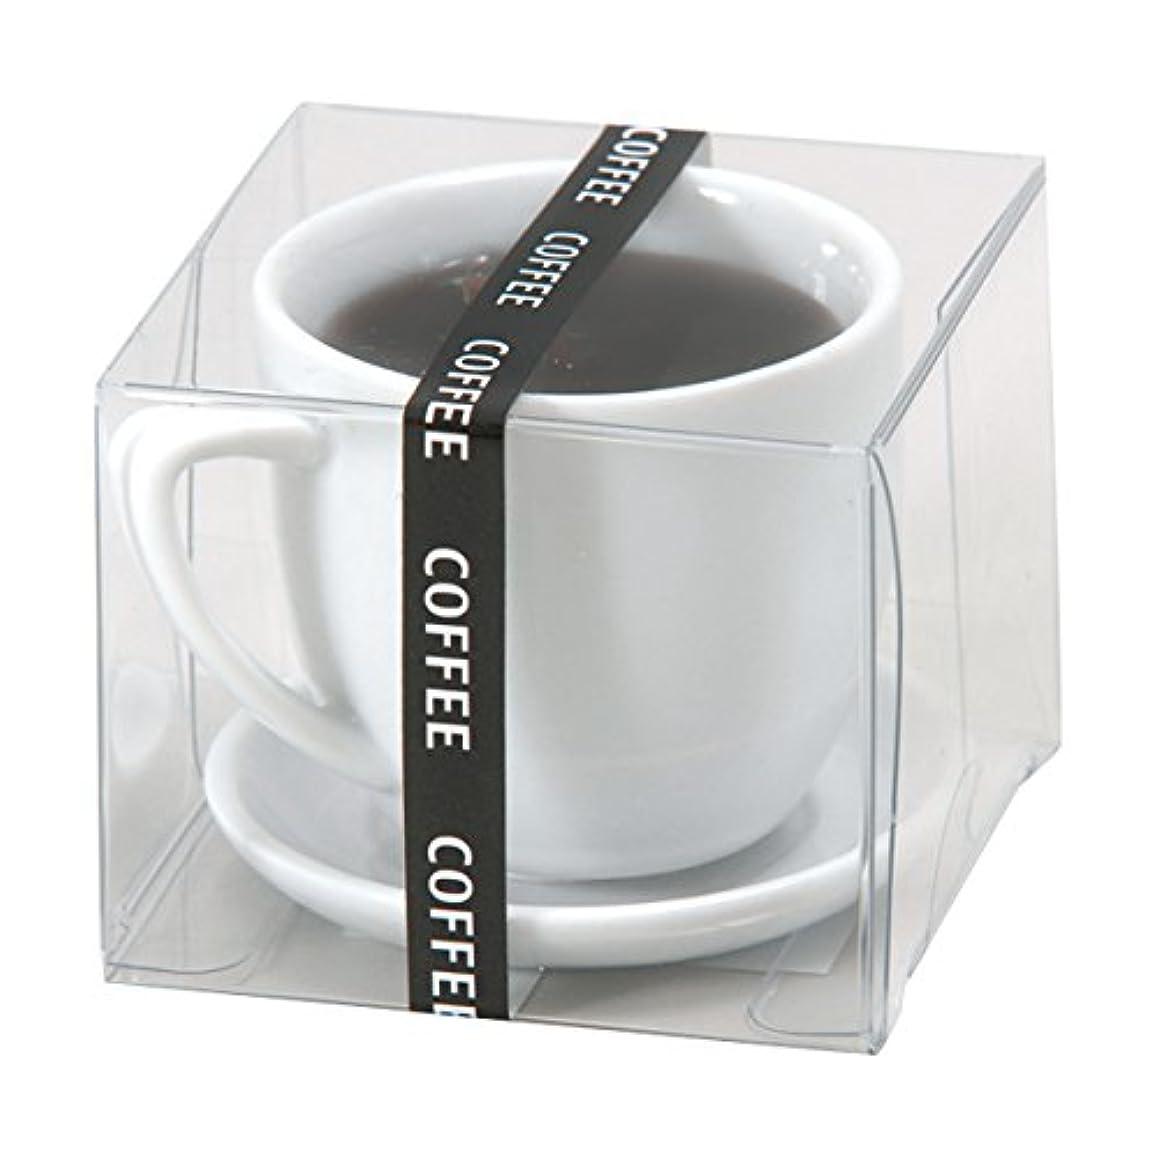 二週間すすり泣き楽観的ホットコーヒー ローソク